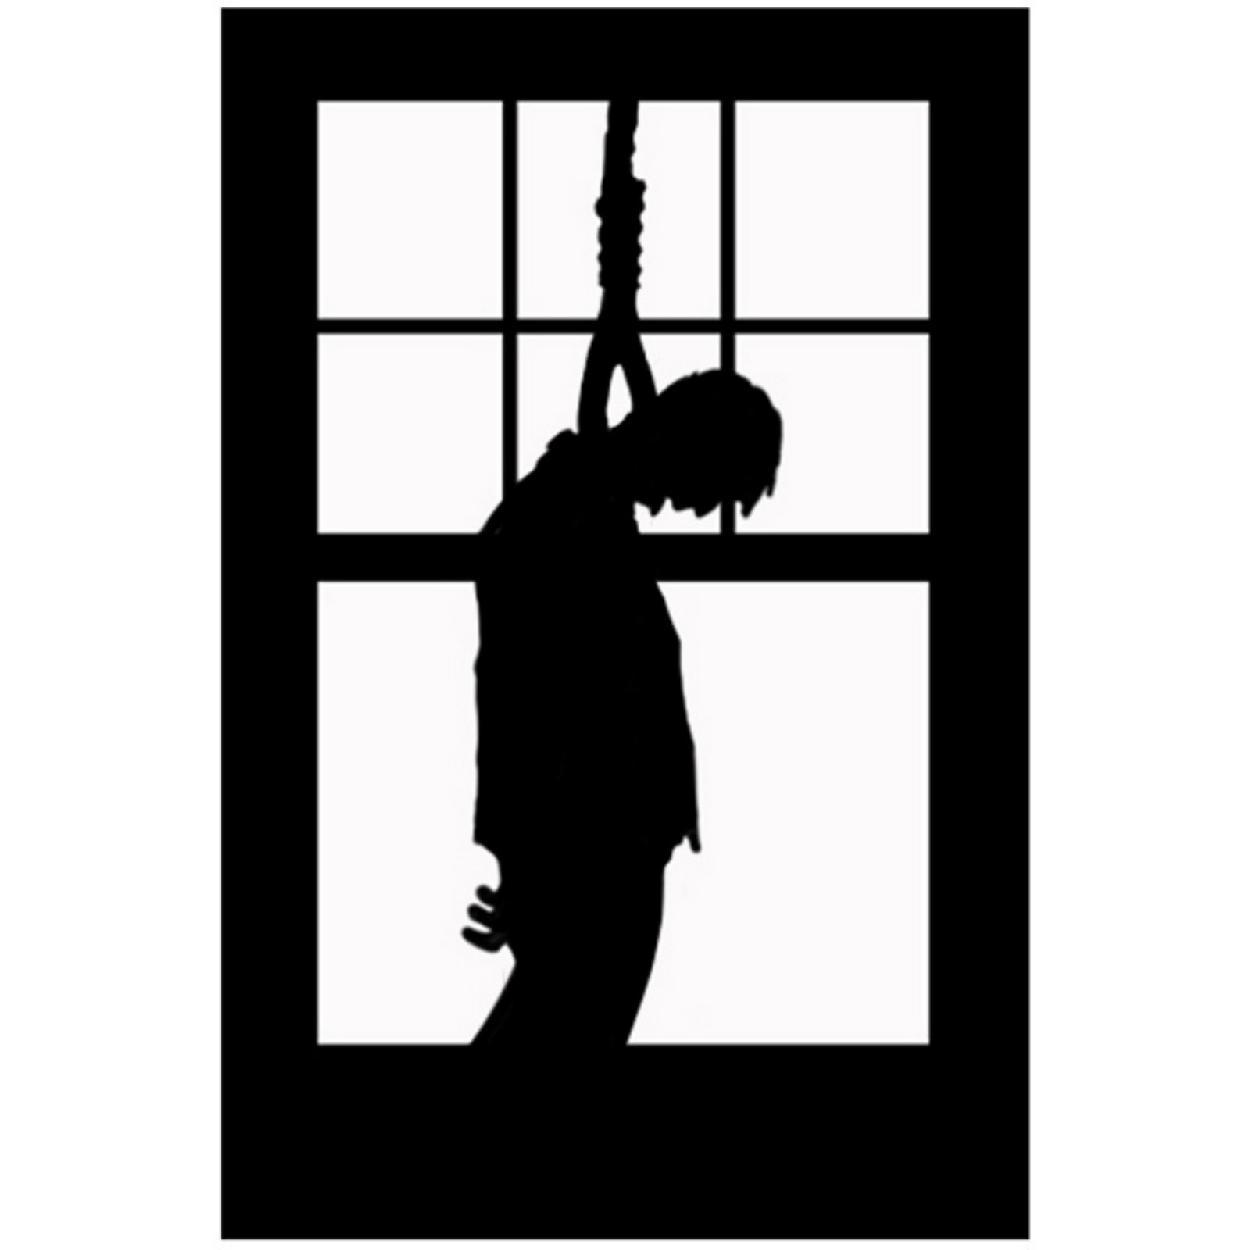 イラスト 2015 羊 イラスト : 奥さんが神主のなくなった部屋 ...